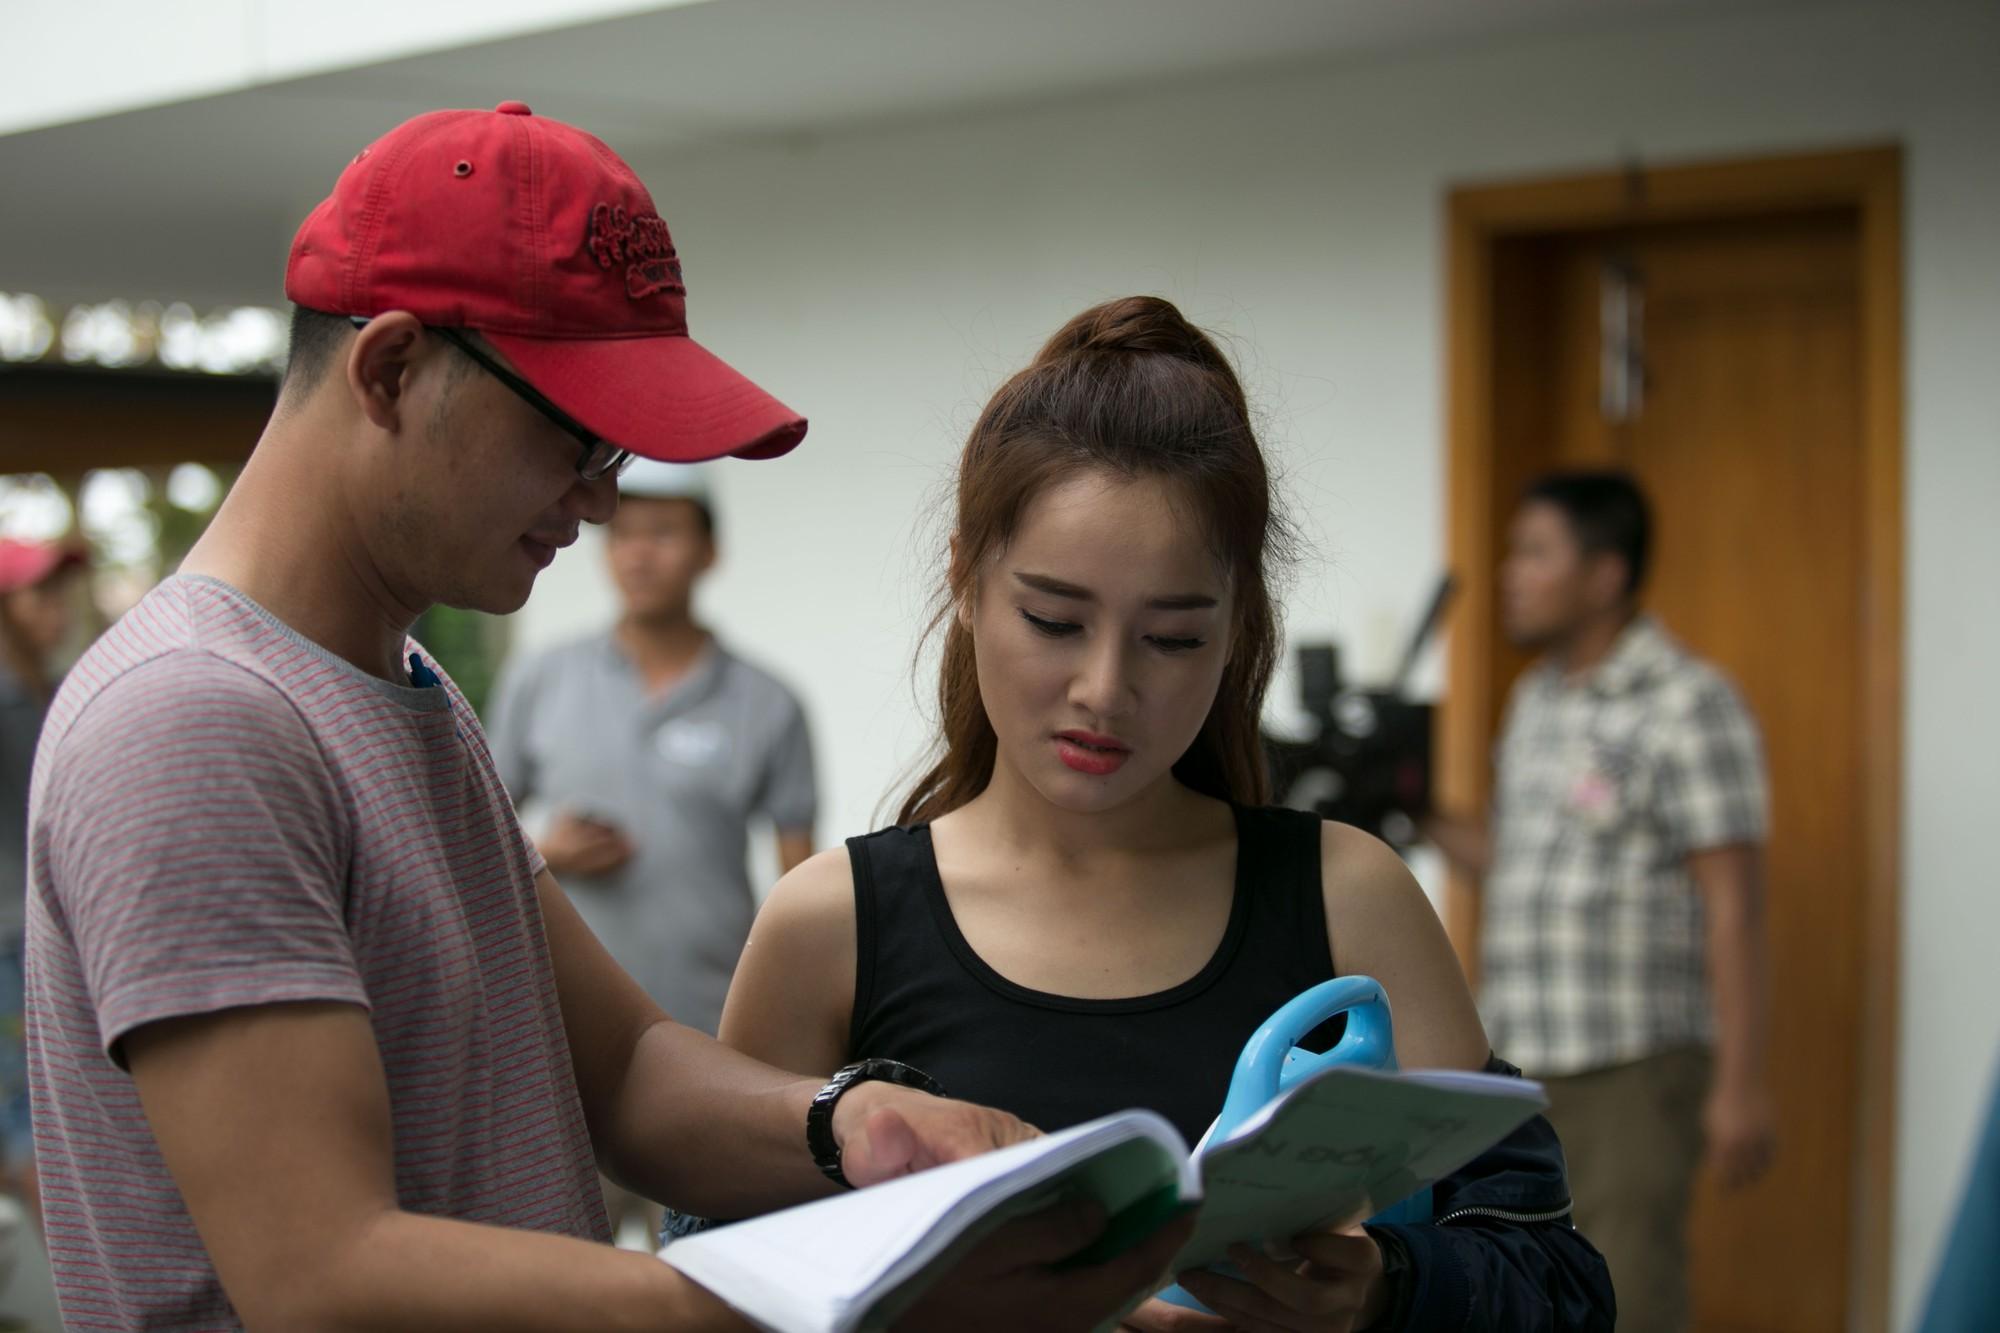 Lộ thêm hình ảnh Nhã Phương trên phim trường sau 2 tháng mất tích: Tăng cân rõ rệt, thậm chí lộ cả bụng mỡ - Ảnh 8.